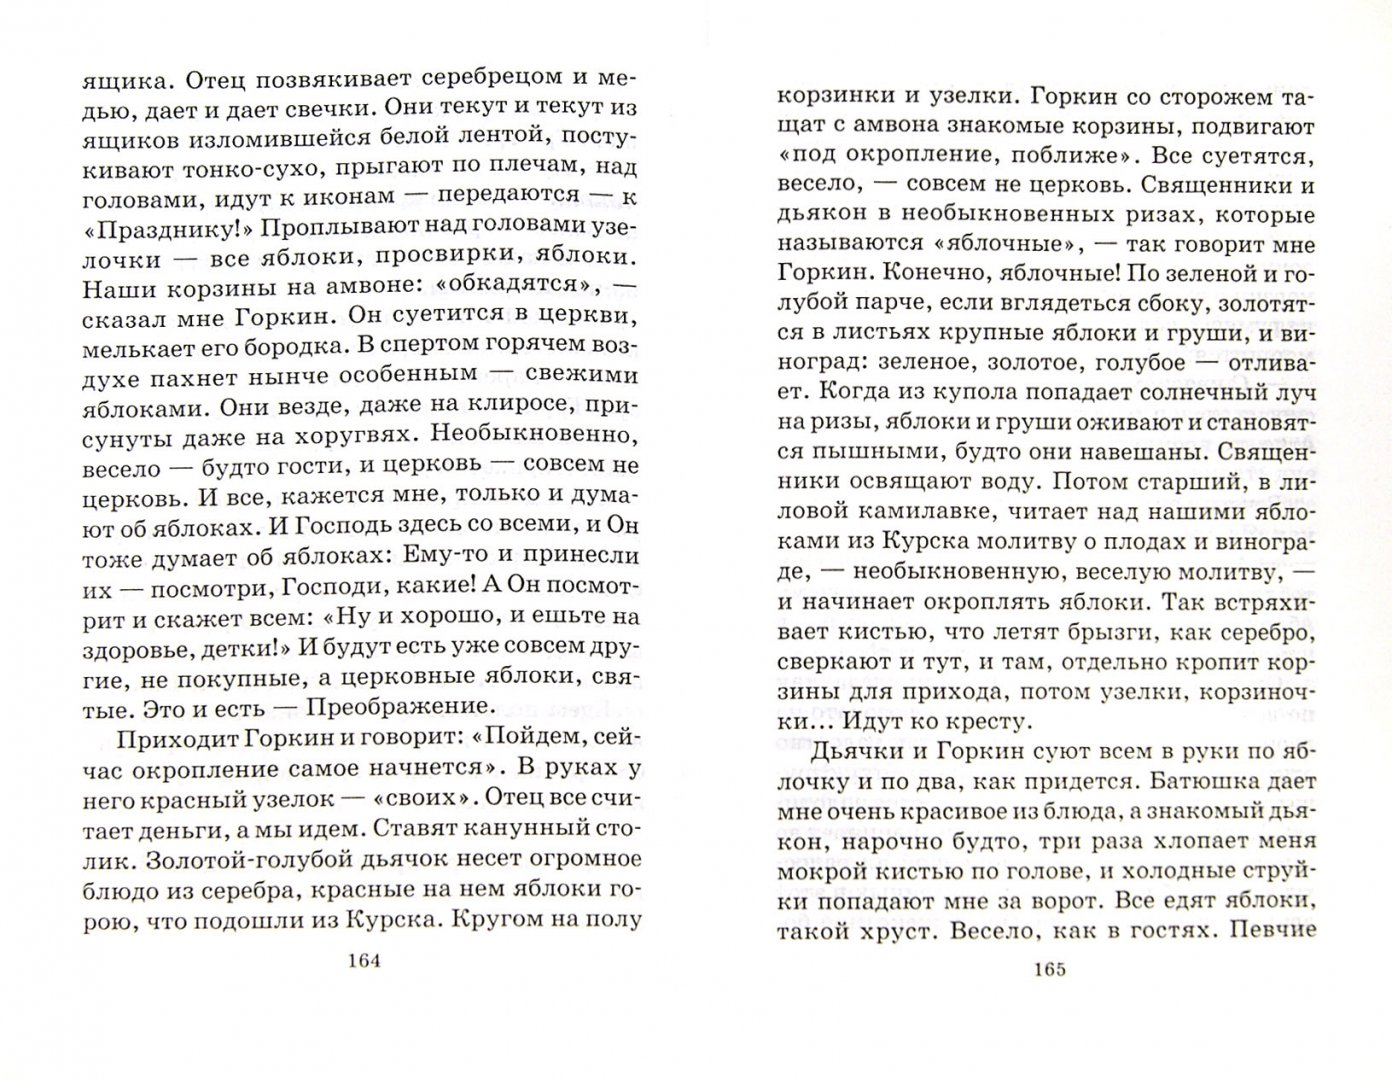 Иллюстрация 1 из 16 для Рассказы и повести - Иван Шмелев | Лабиринт - книги. Источник: Лабиринт